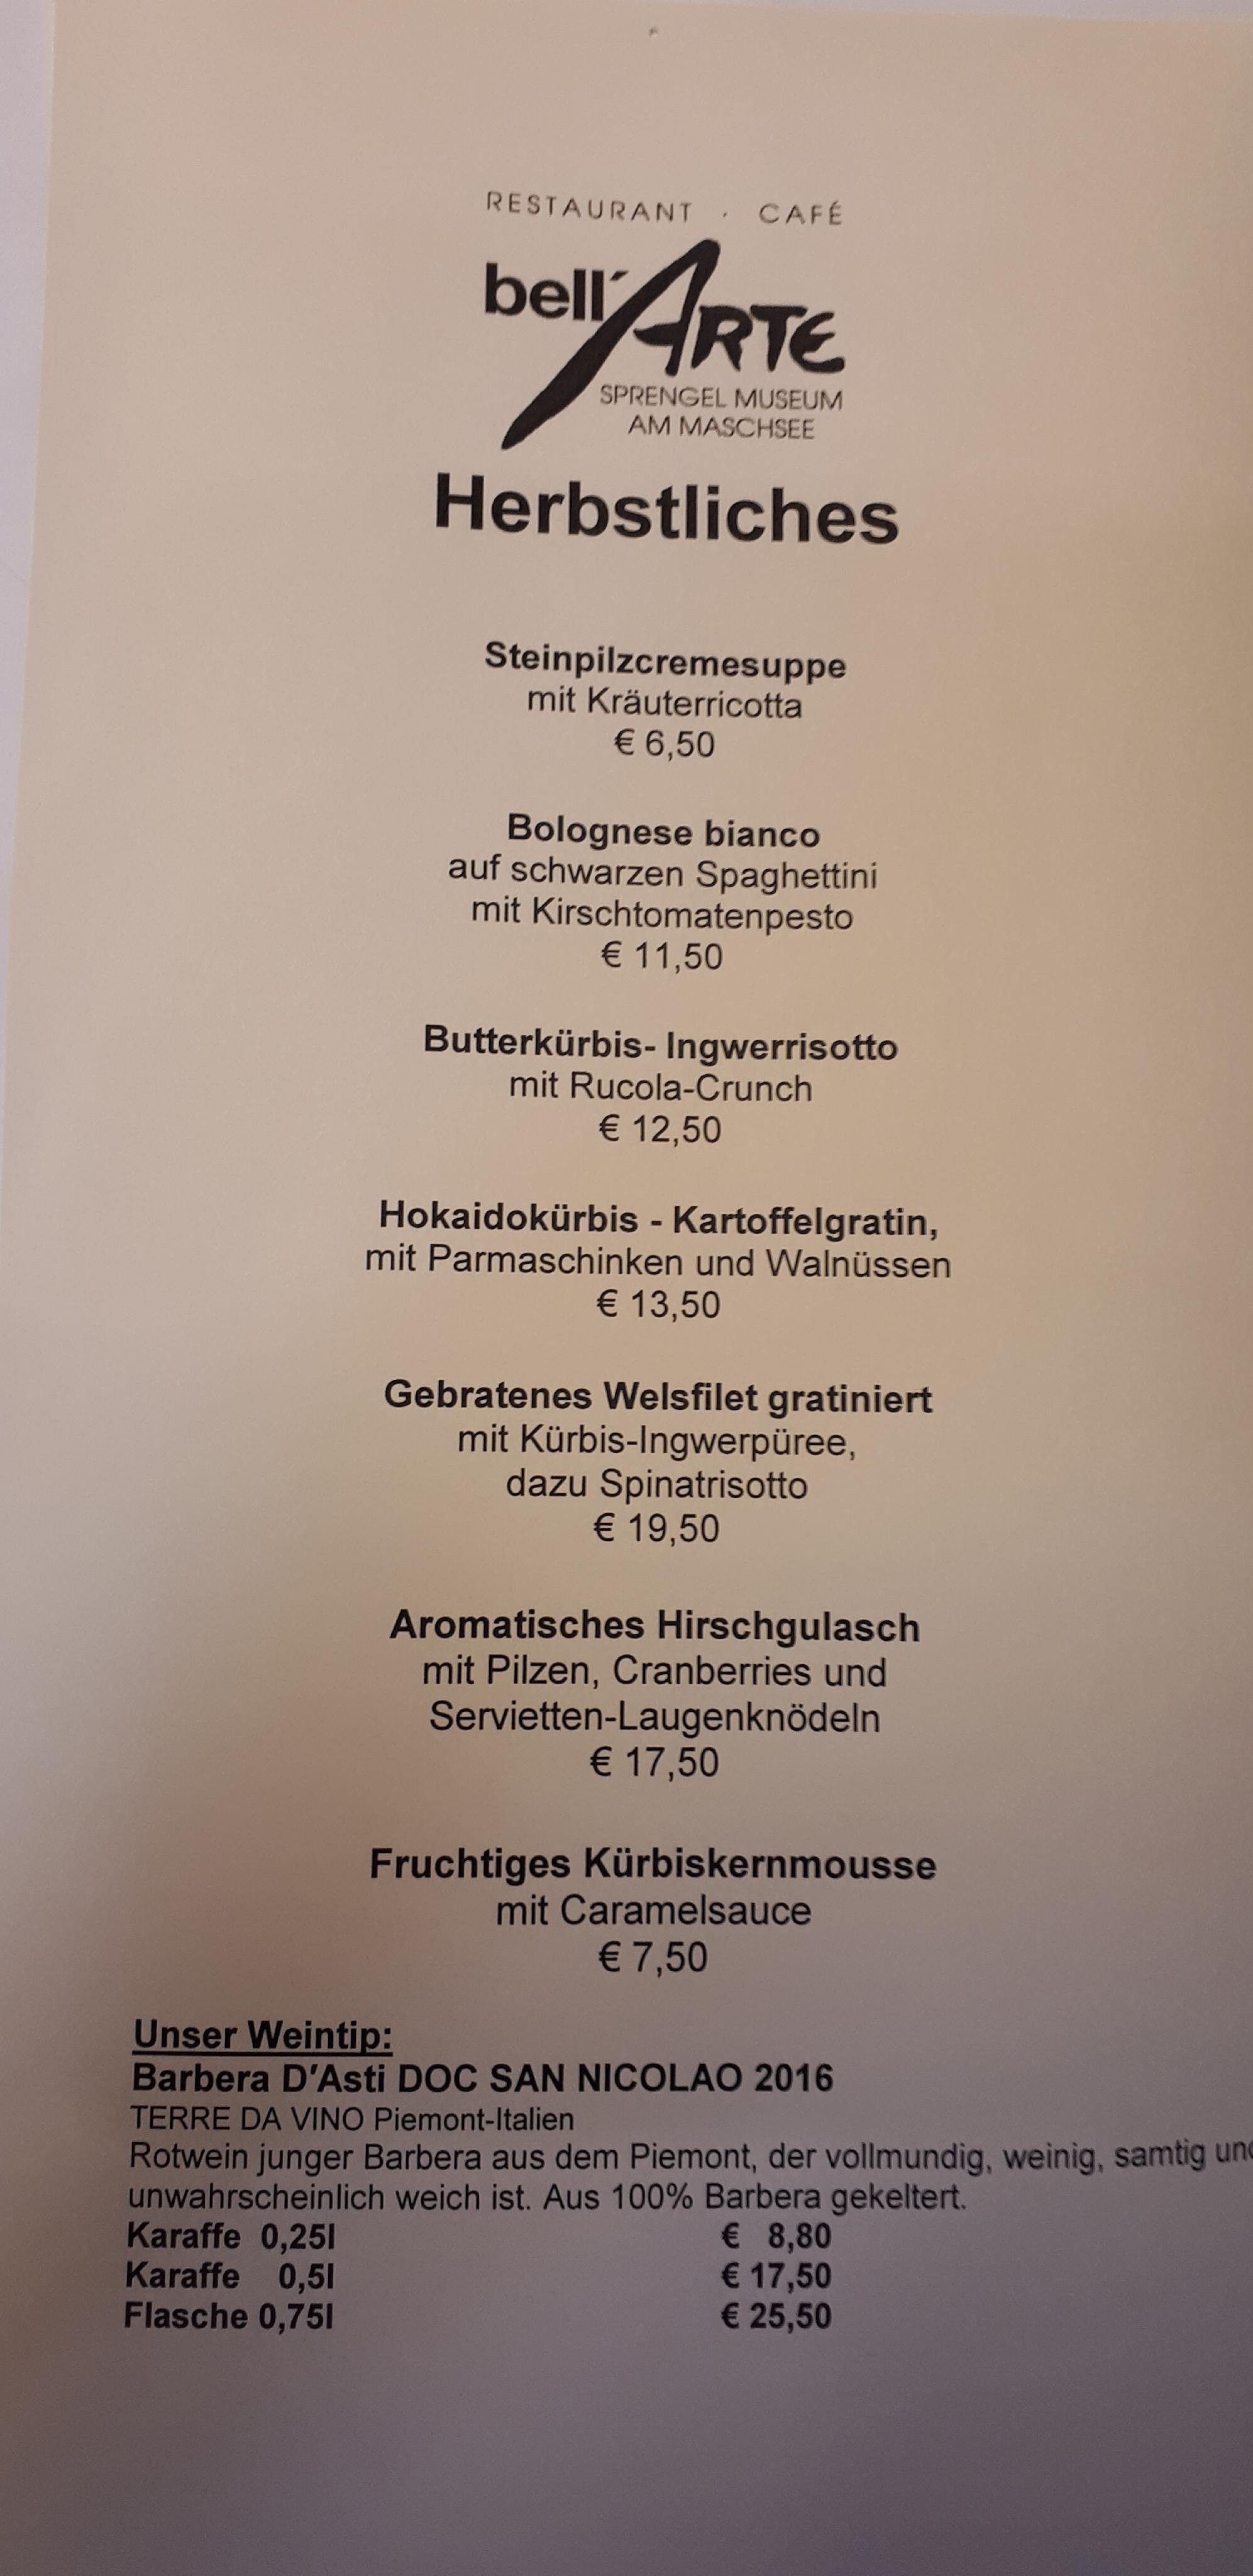 Hannover am Maschsee im Sprengel Museum - bell´ARTE italienisches Restaurant und Cafe in der Südstadt von Hannover